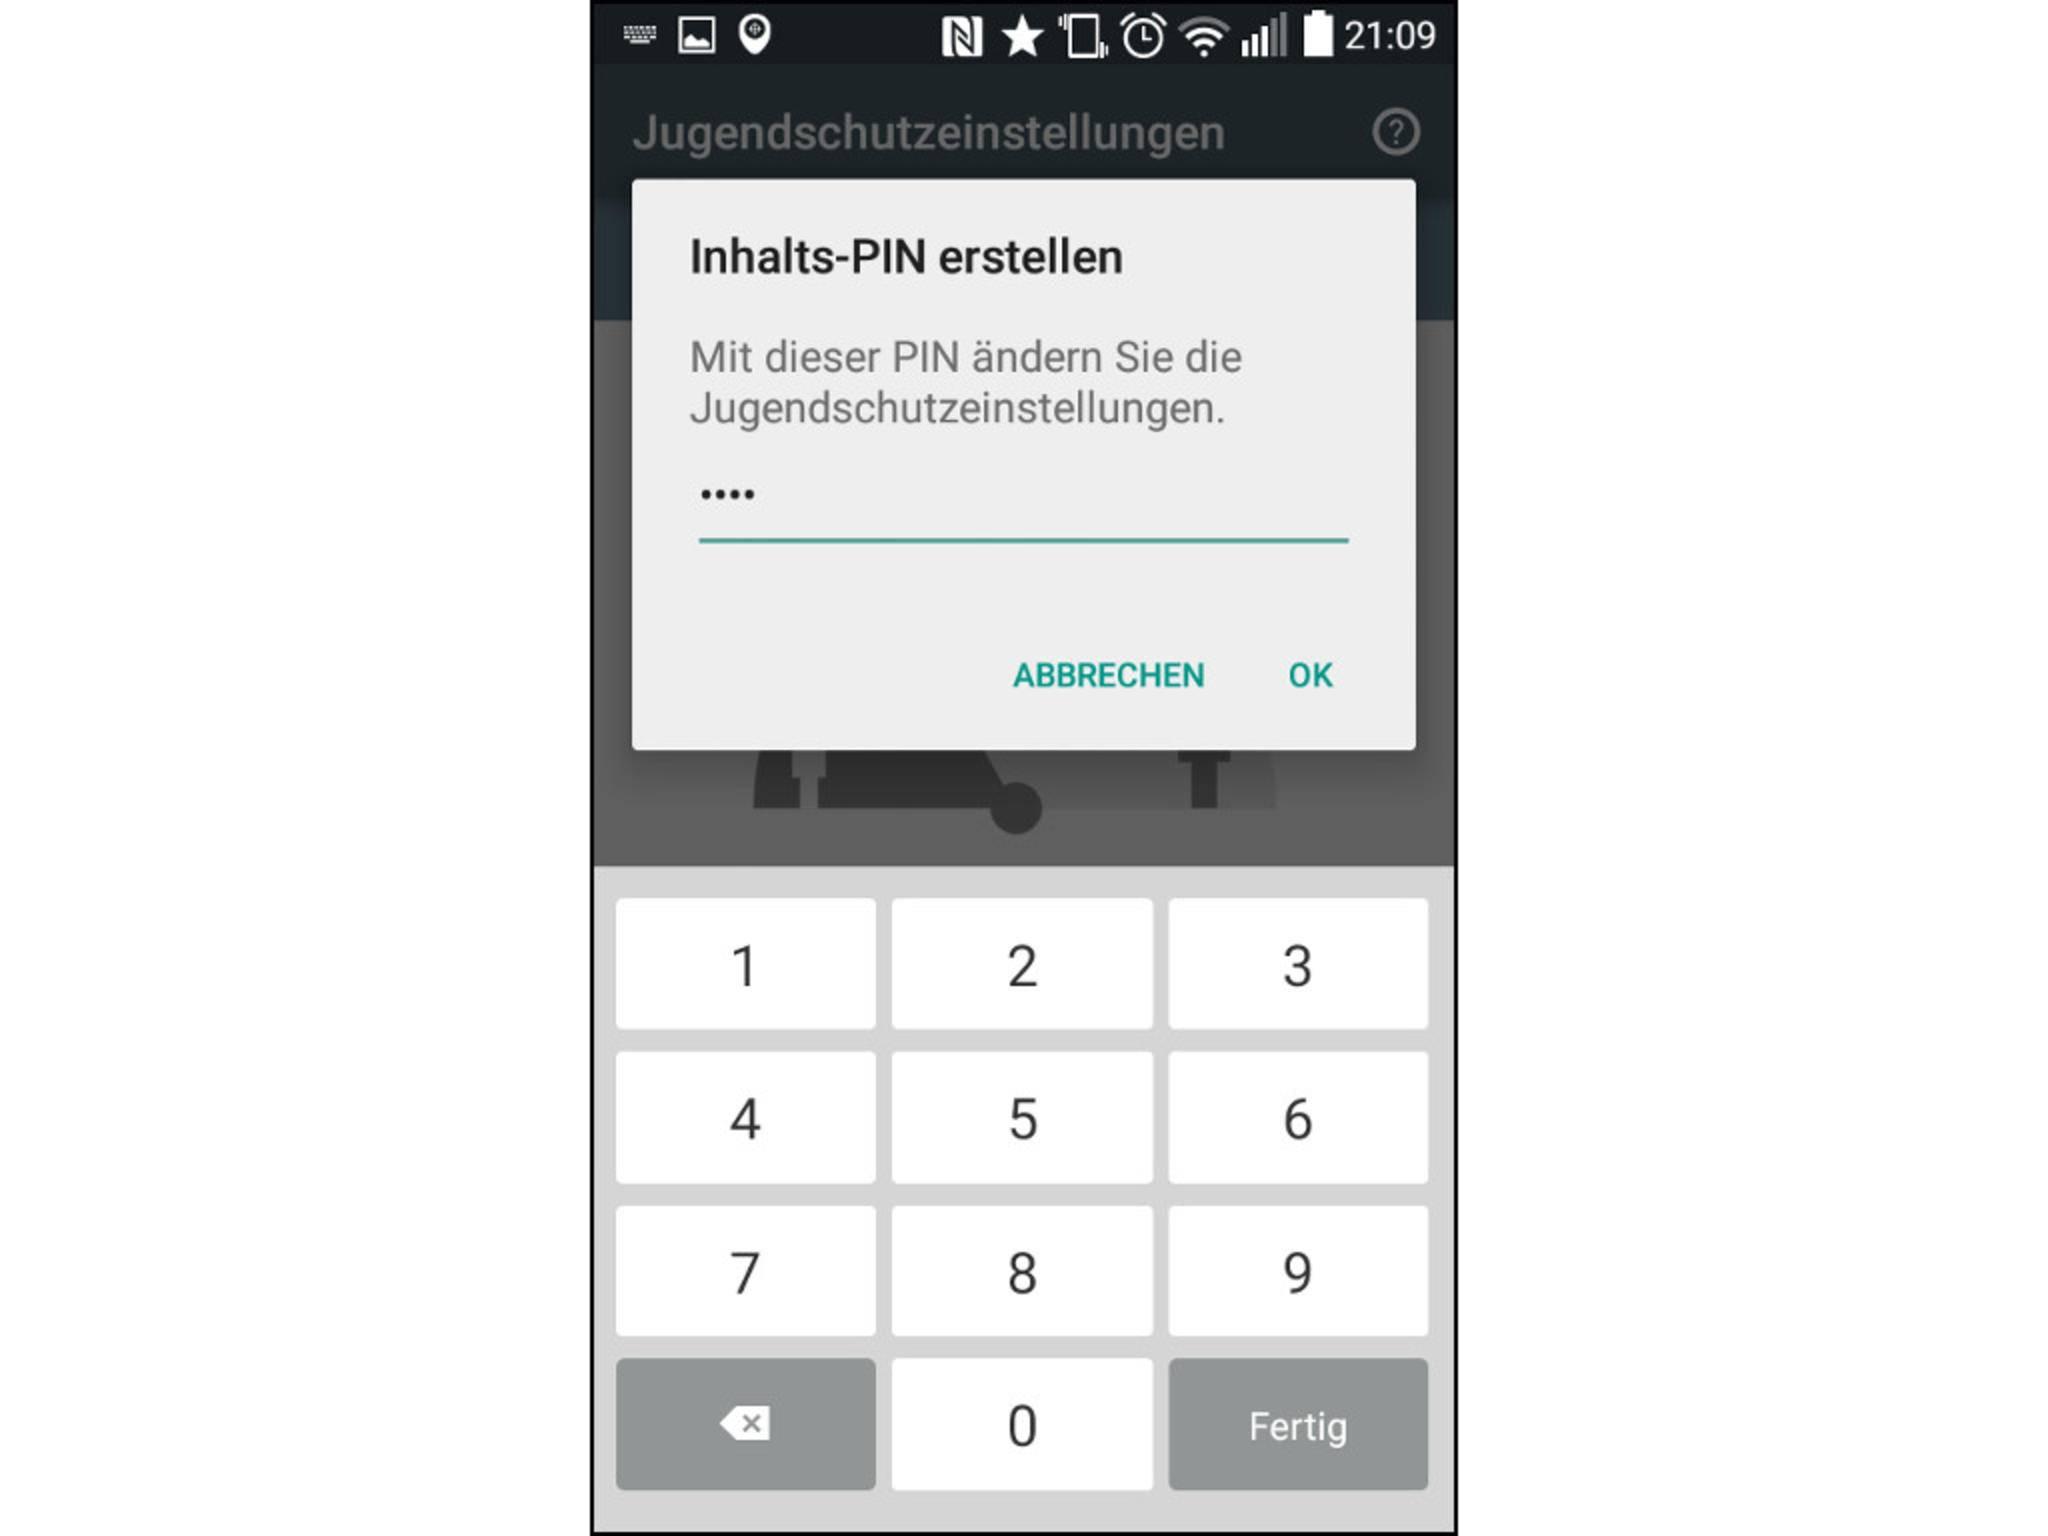 Eine Jugenschutz-PIN beschränkt den Zugriff auf Apps und Inhalte.